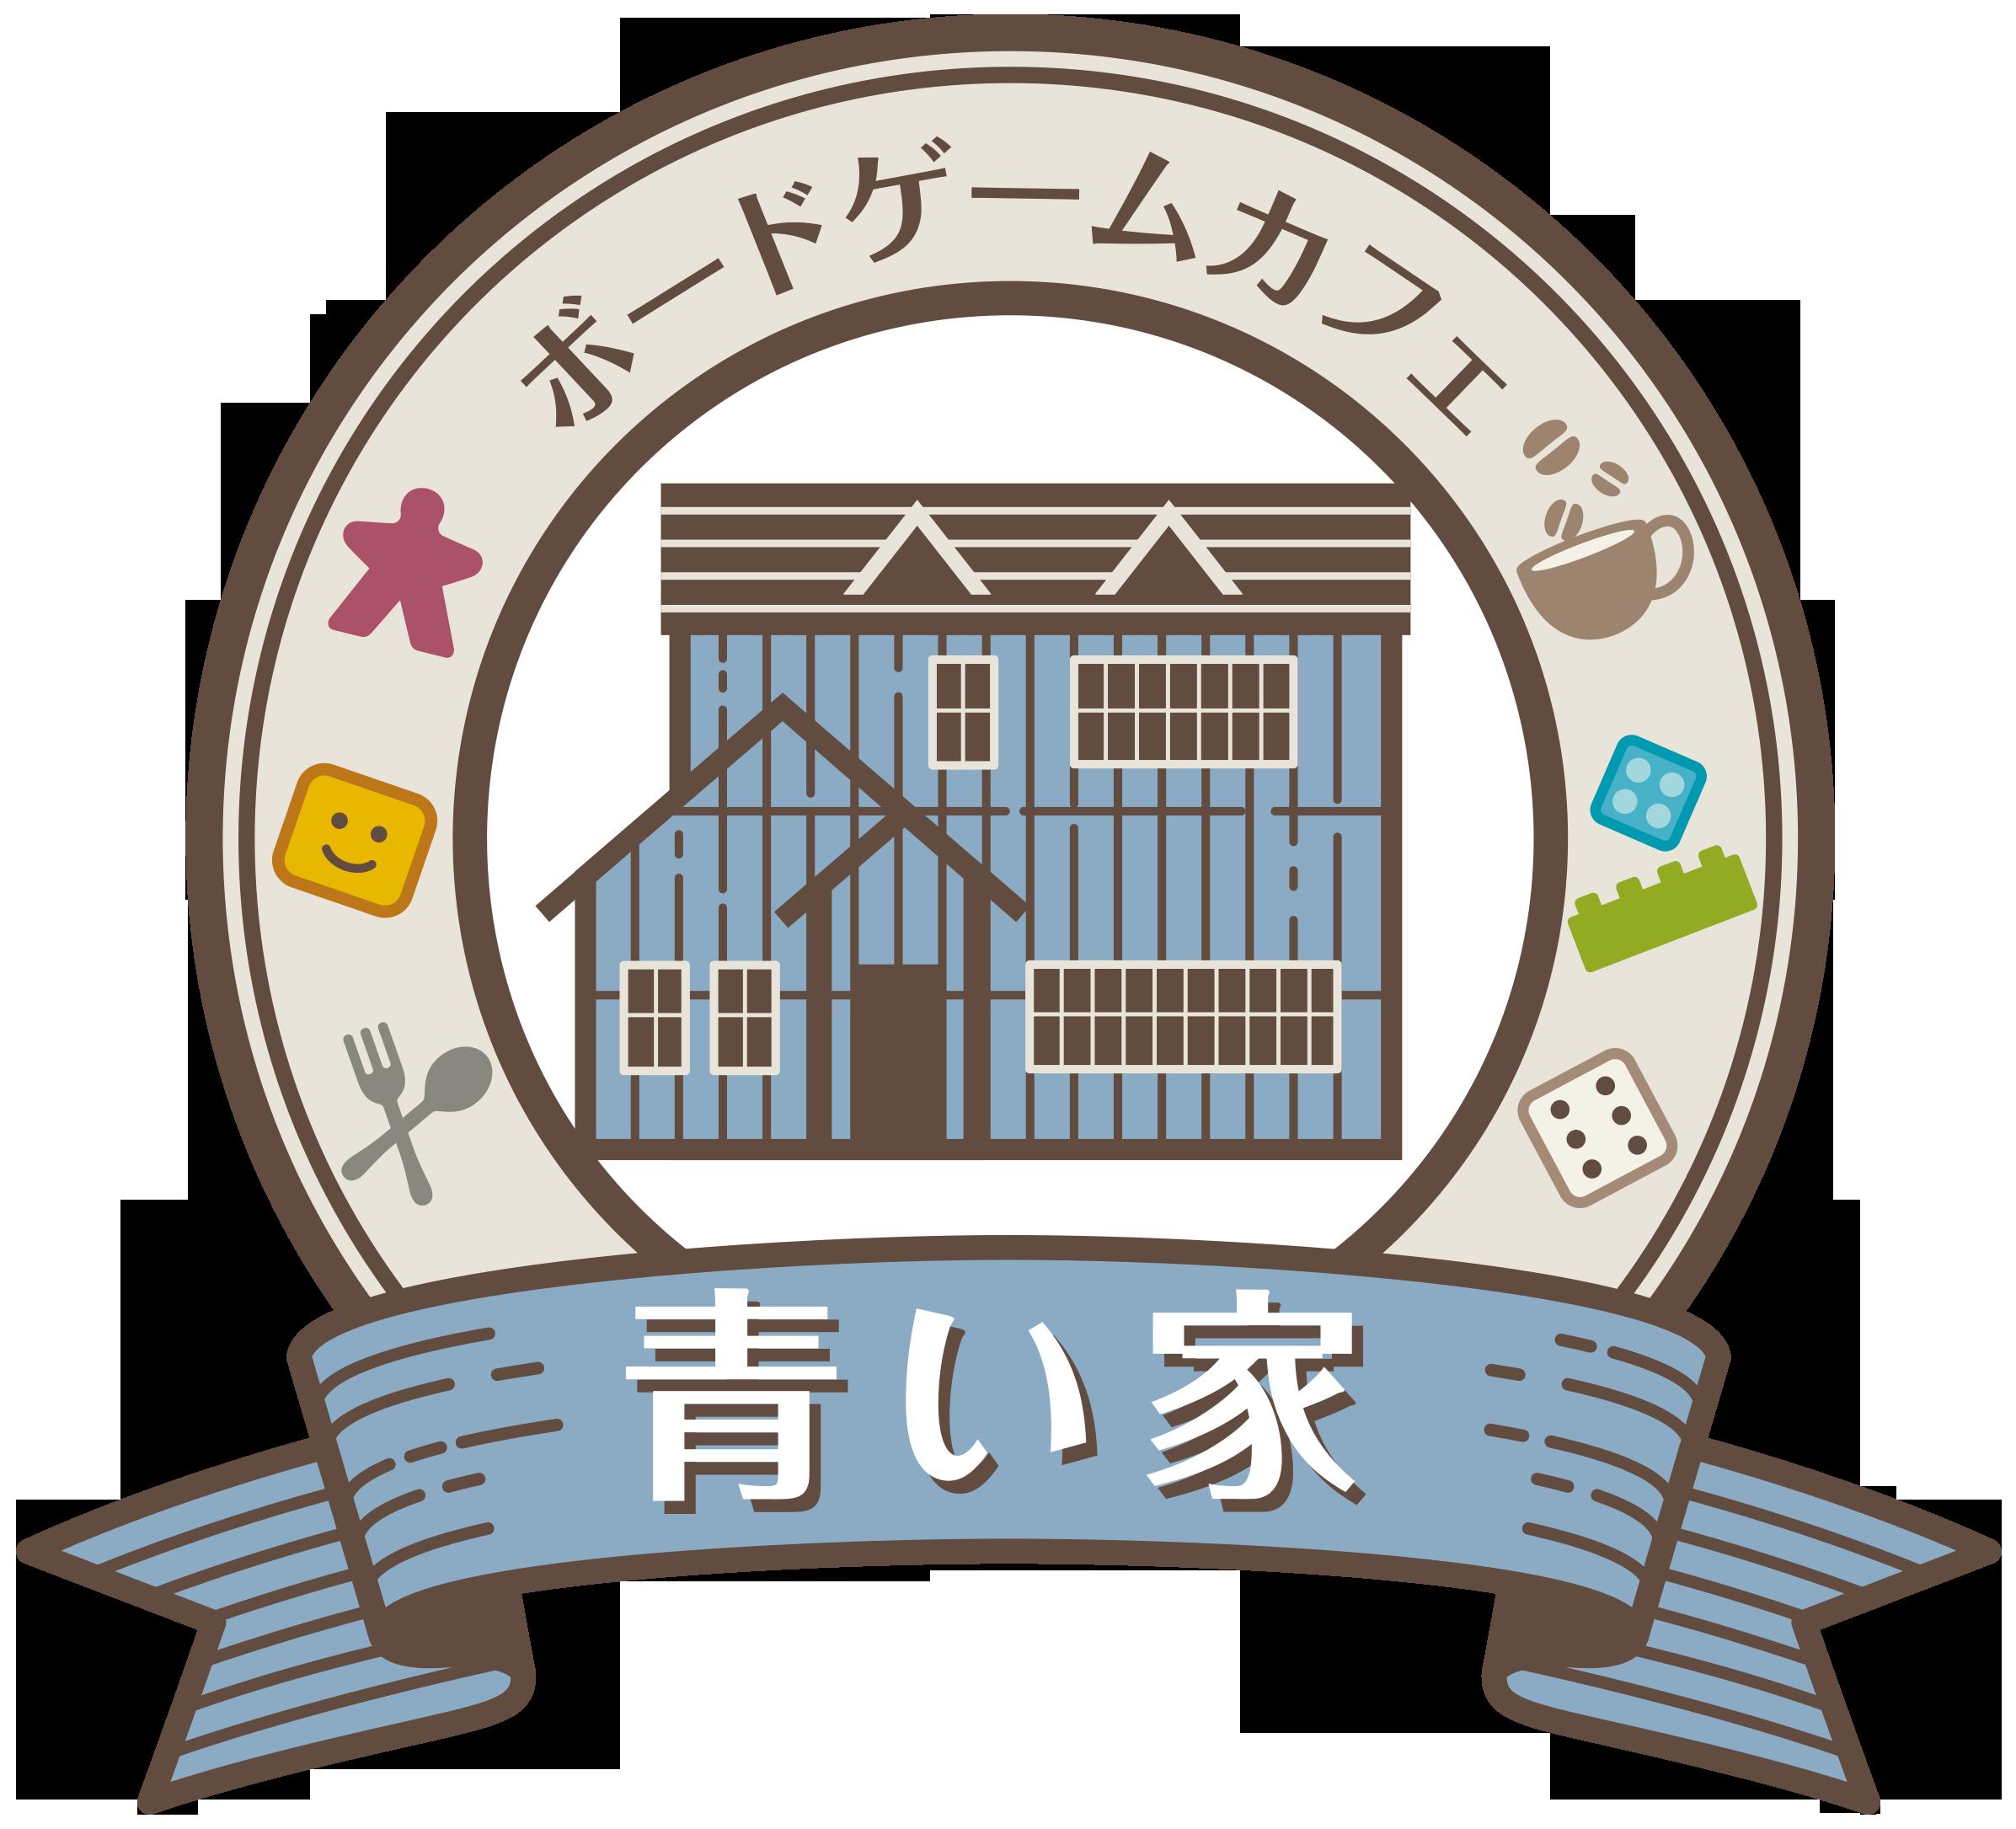 ボードゲームカフェ青い家(ボードゲームカフェアオイイエ)